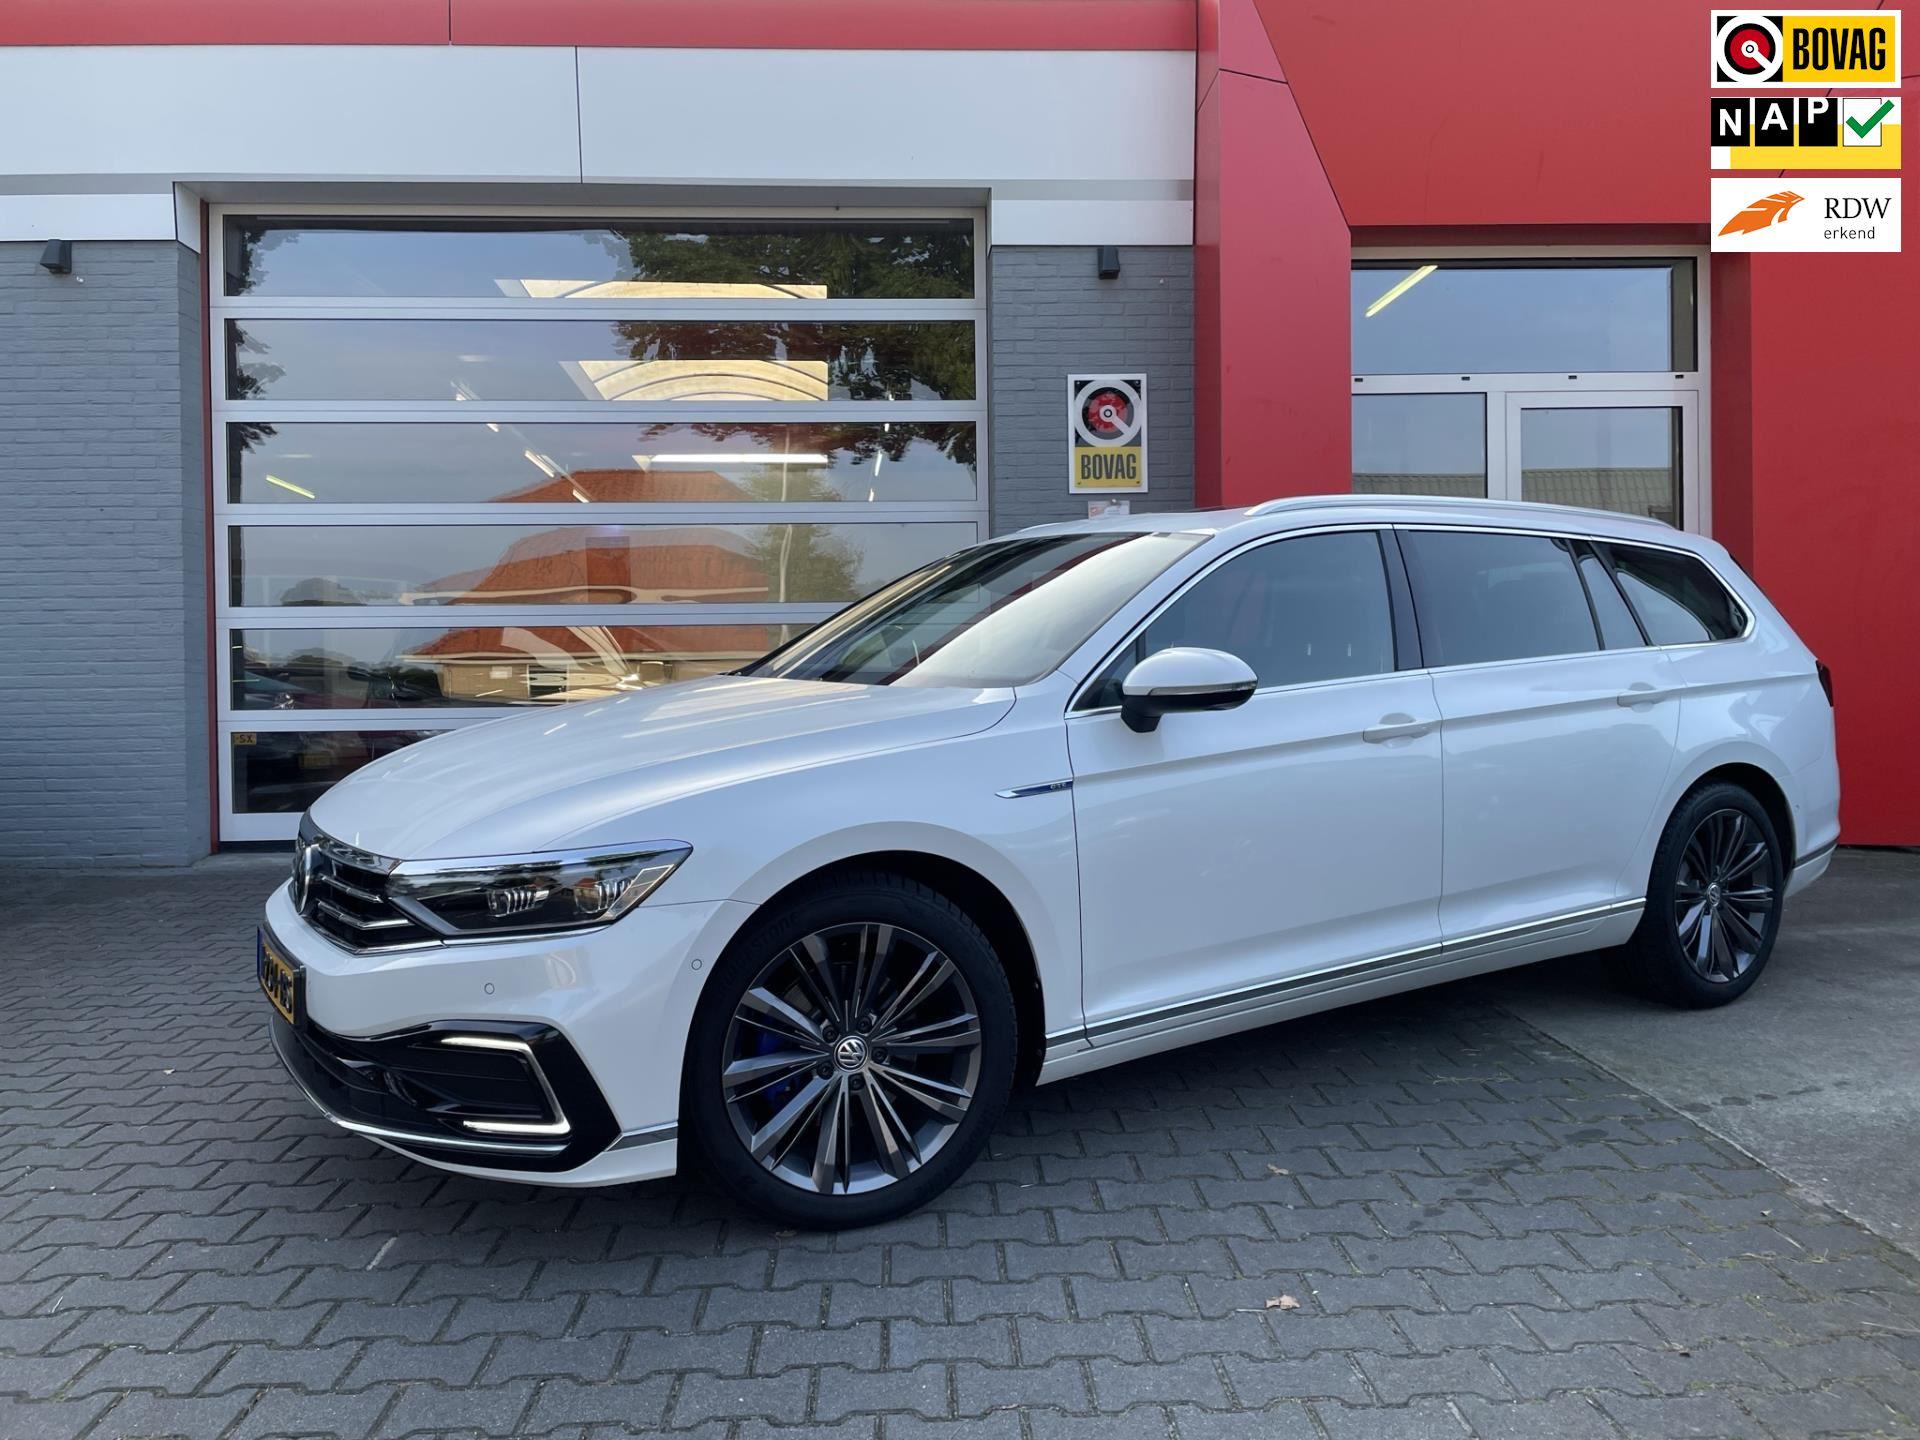 Volkswagen Passat Variant occasion - Autobedrijf Slots BV